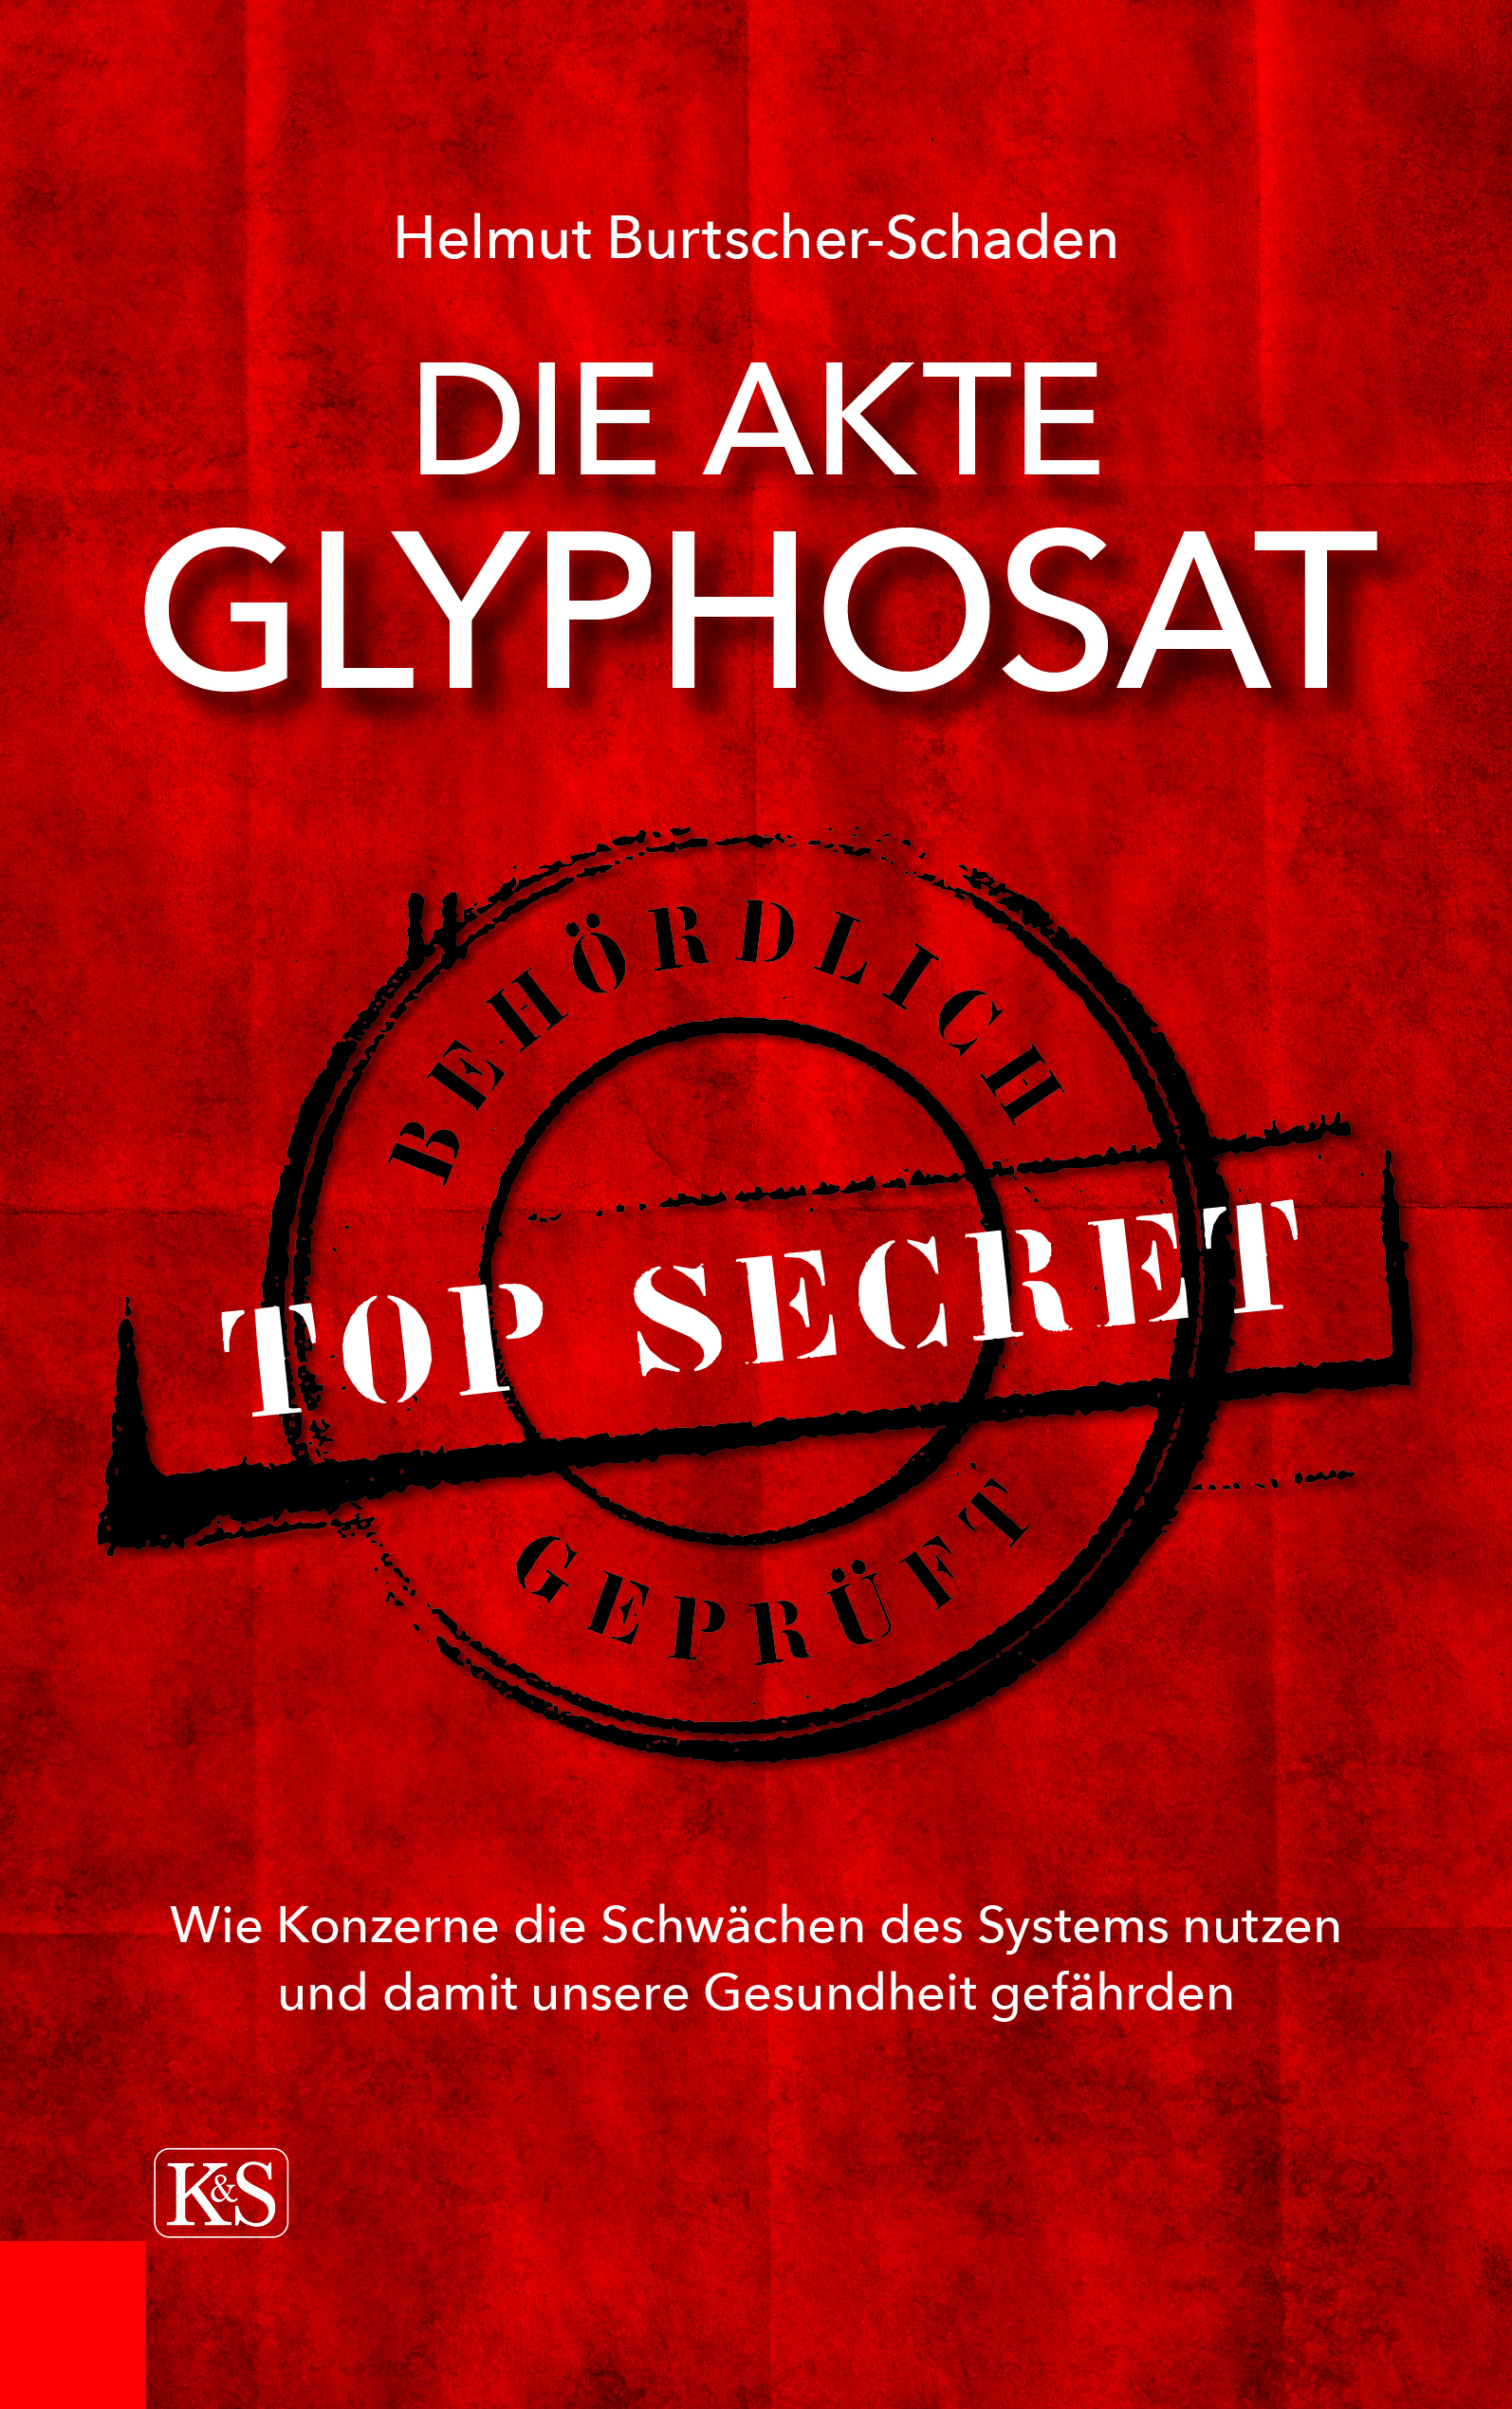 Un nou studiu relevă că glifosatul este sigur!